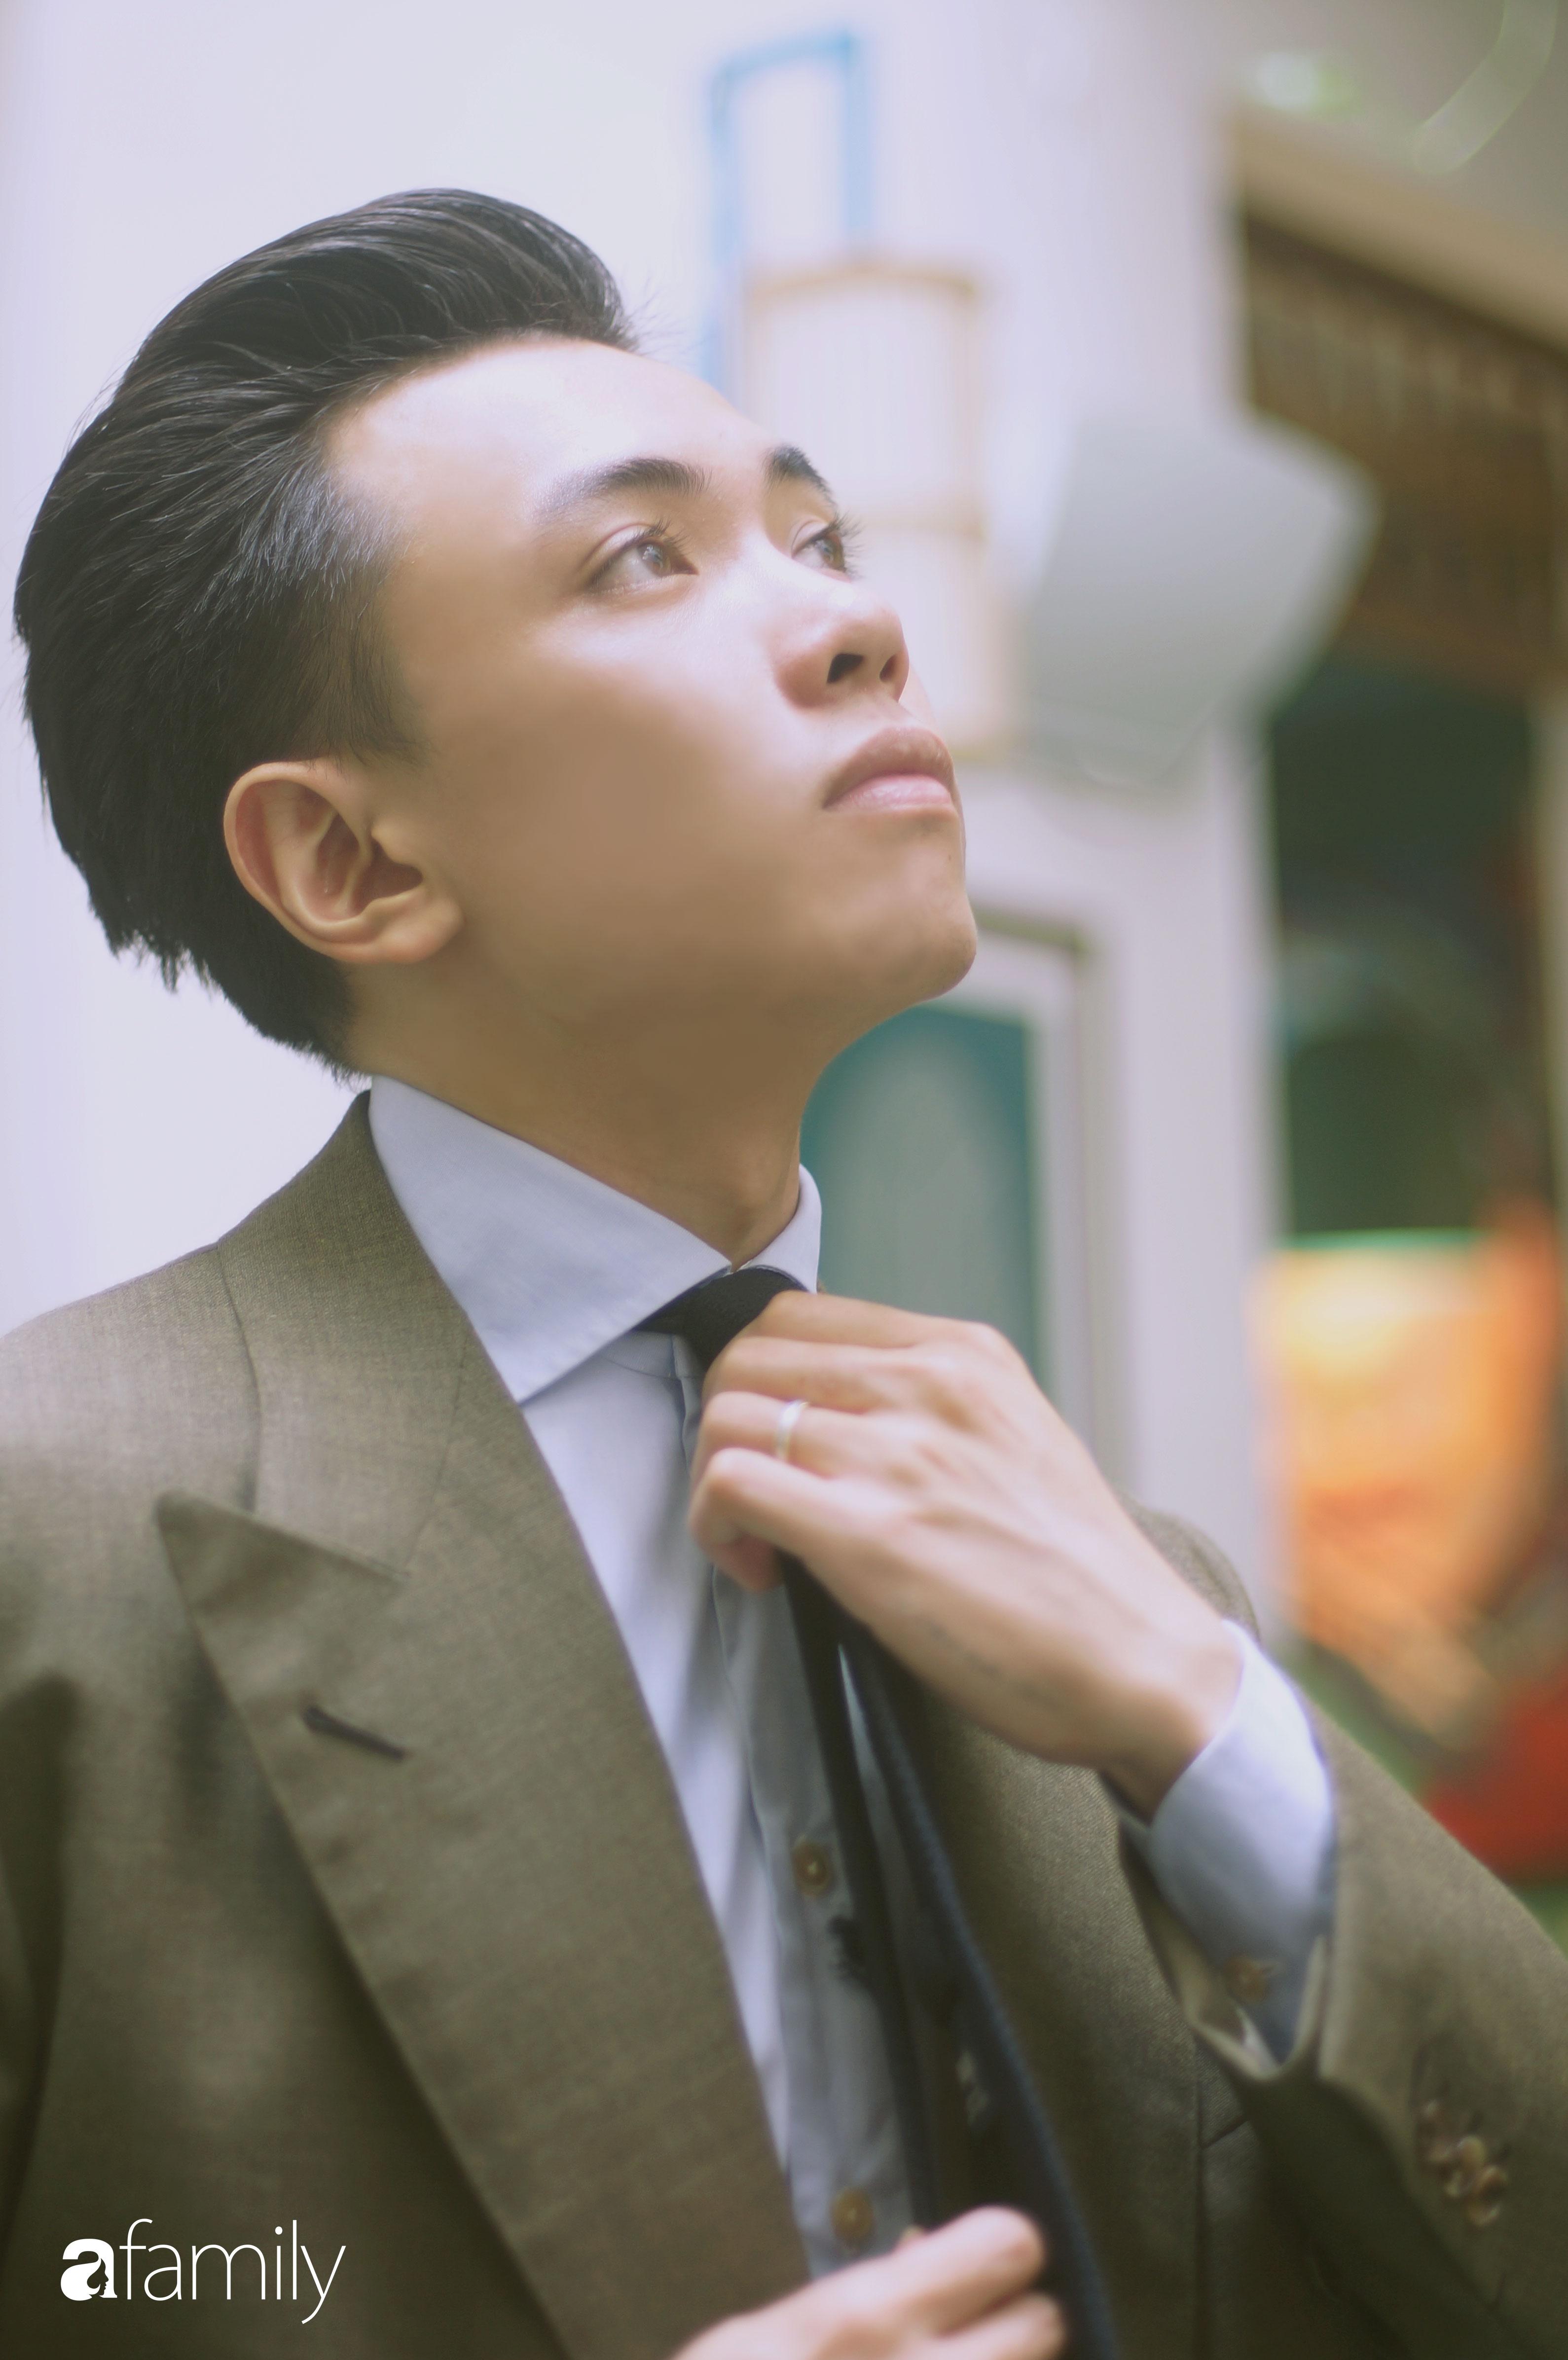 Đặng Trần Tùng – thầy giáo soái ca là 1 trong 5 người Việt đầu tiên đạt 9.0 IELTS  lần đầu kể về đám cưới với bạn học, suốt 5 năm ngoài vợ không có cô bạn nào thân khác - Ảnh 9.